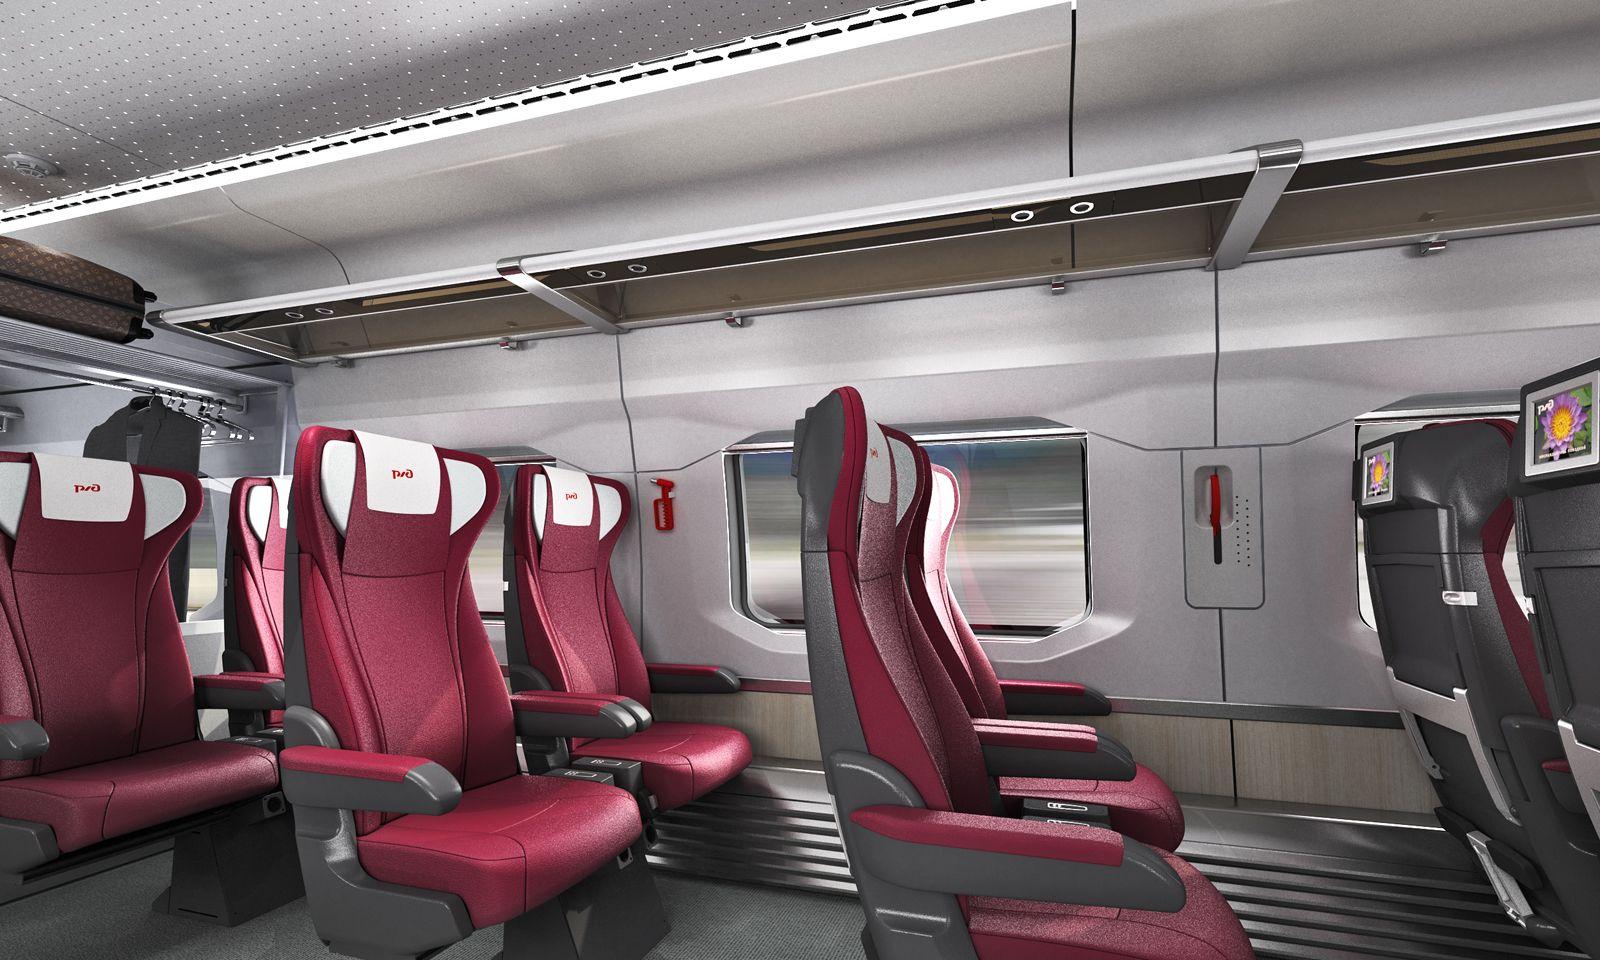 Rzd Double Deck Train Coaches By Giugiaro Design